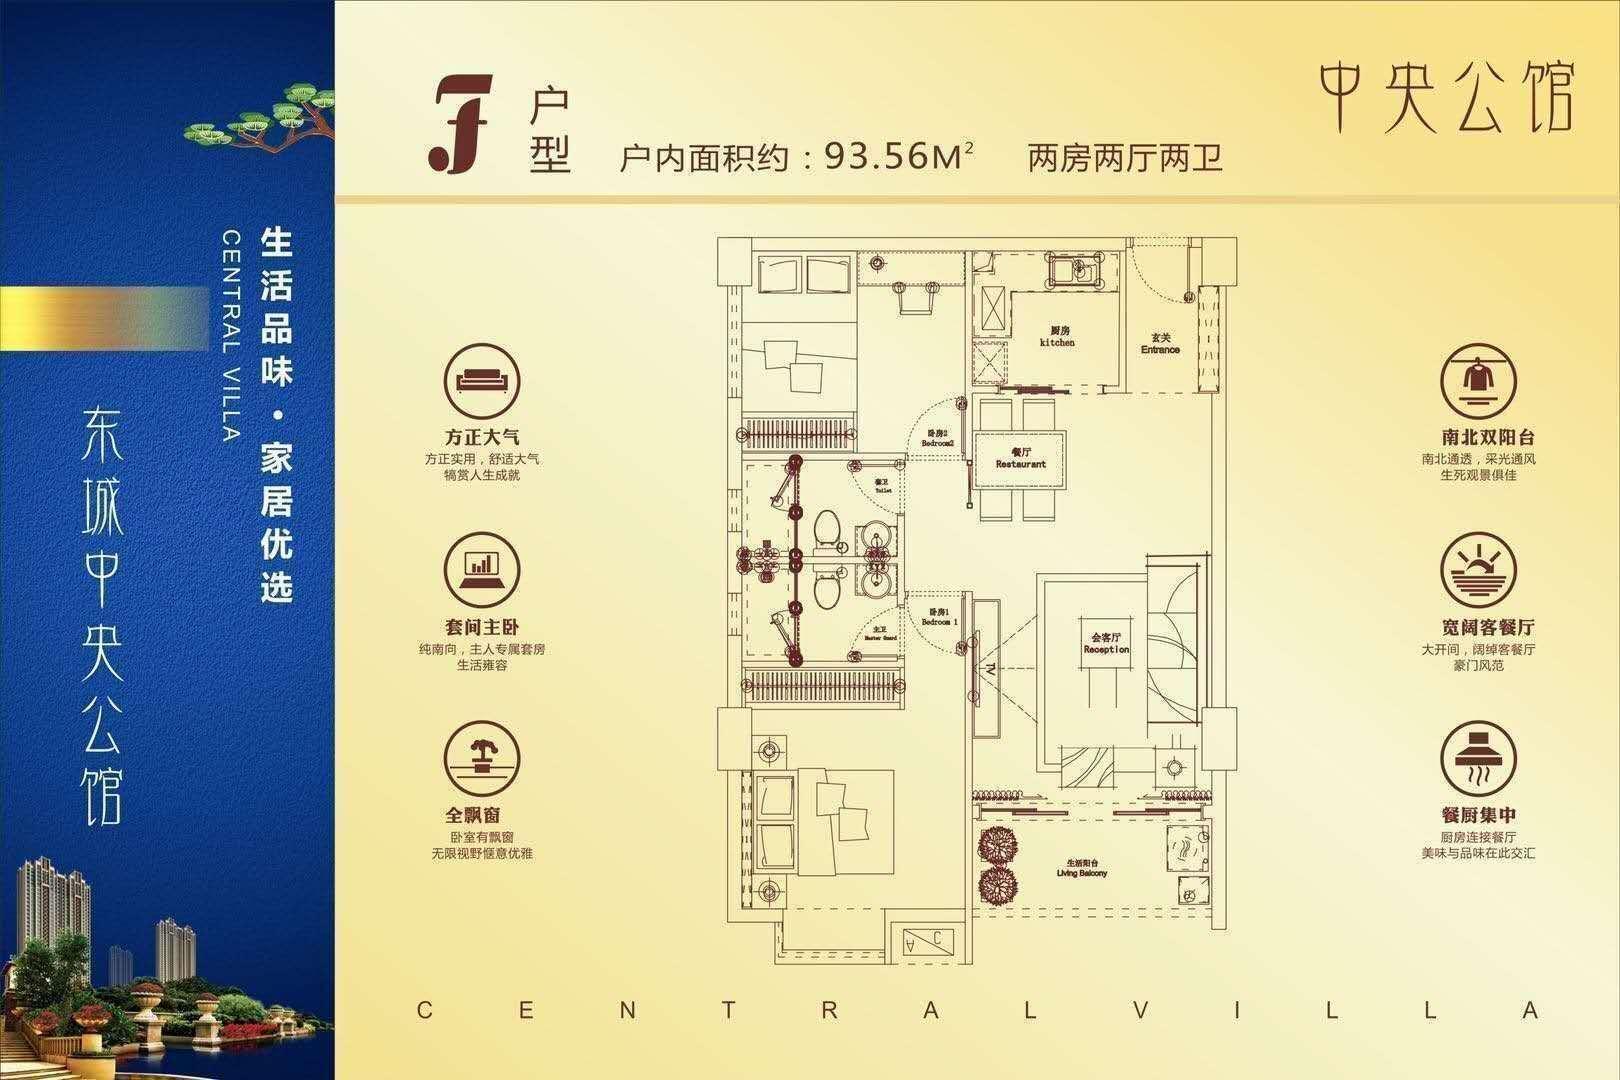 東莞小產權市中心《中央公館》無條件首付五成,分期三年